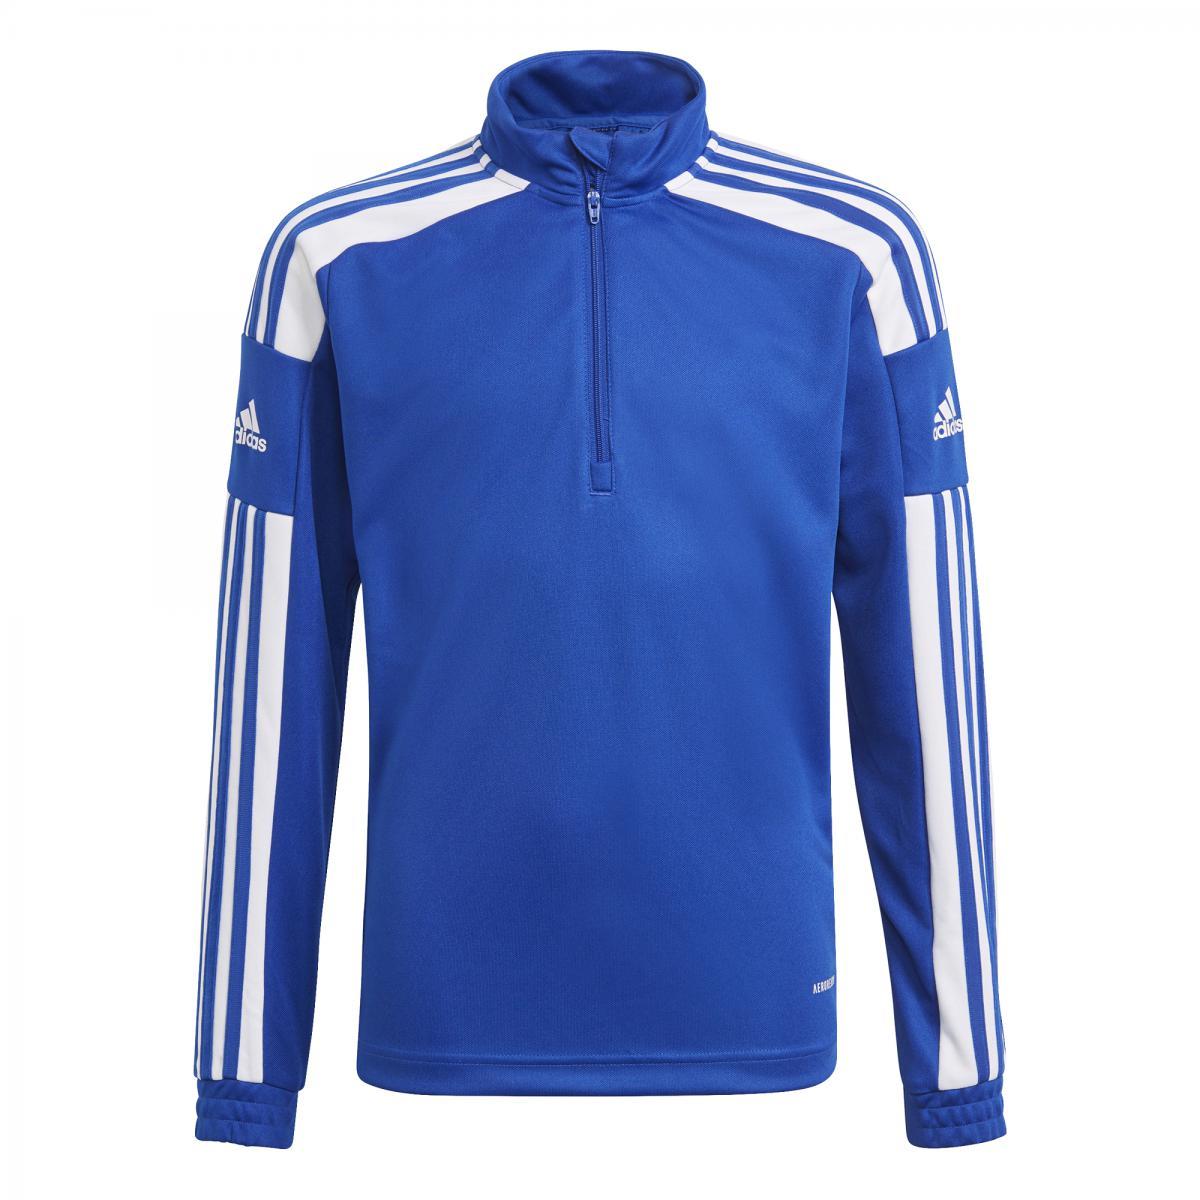 Adidas  Sq21 Tr Top Y, treningsgenser, barn